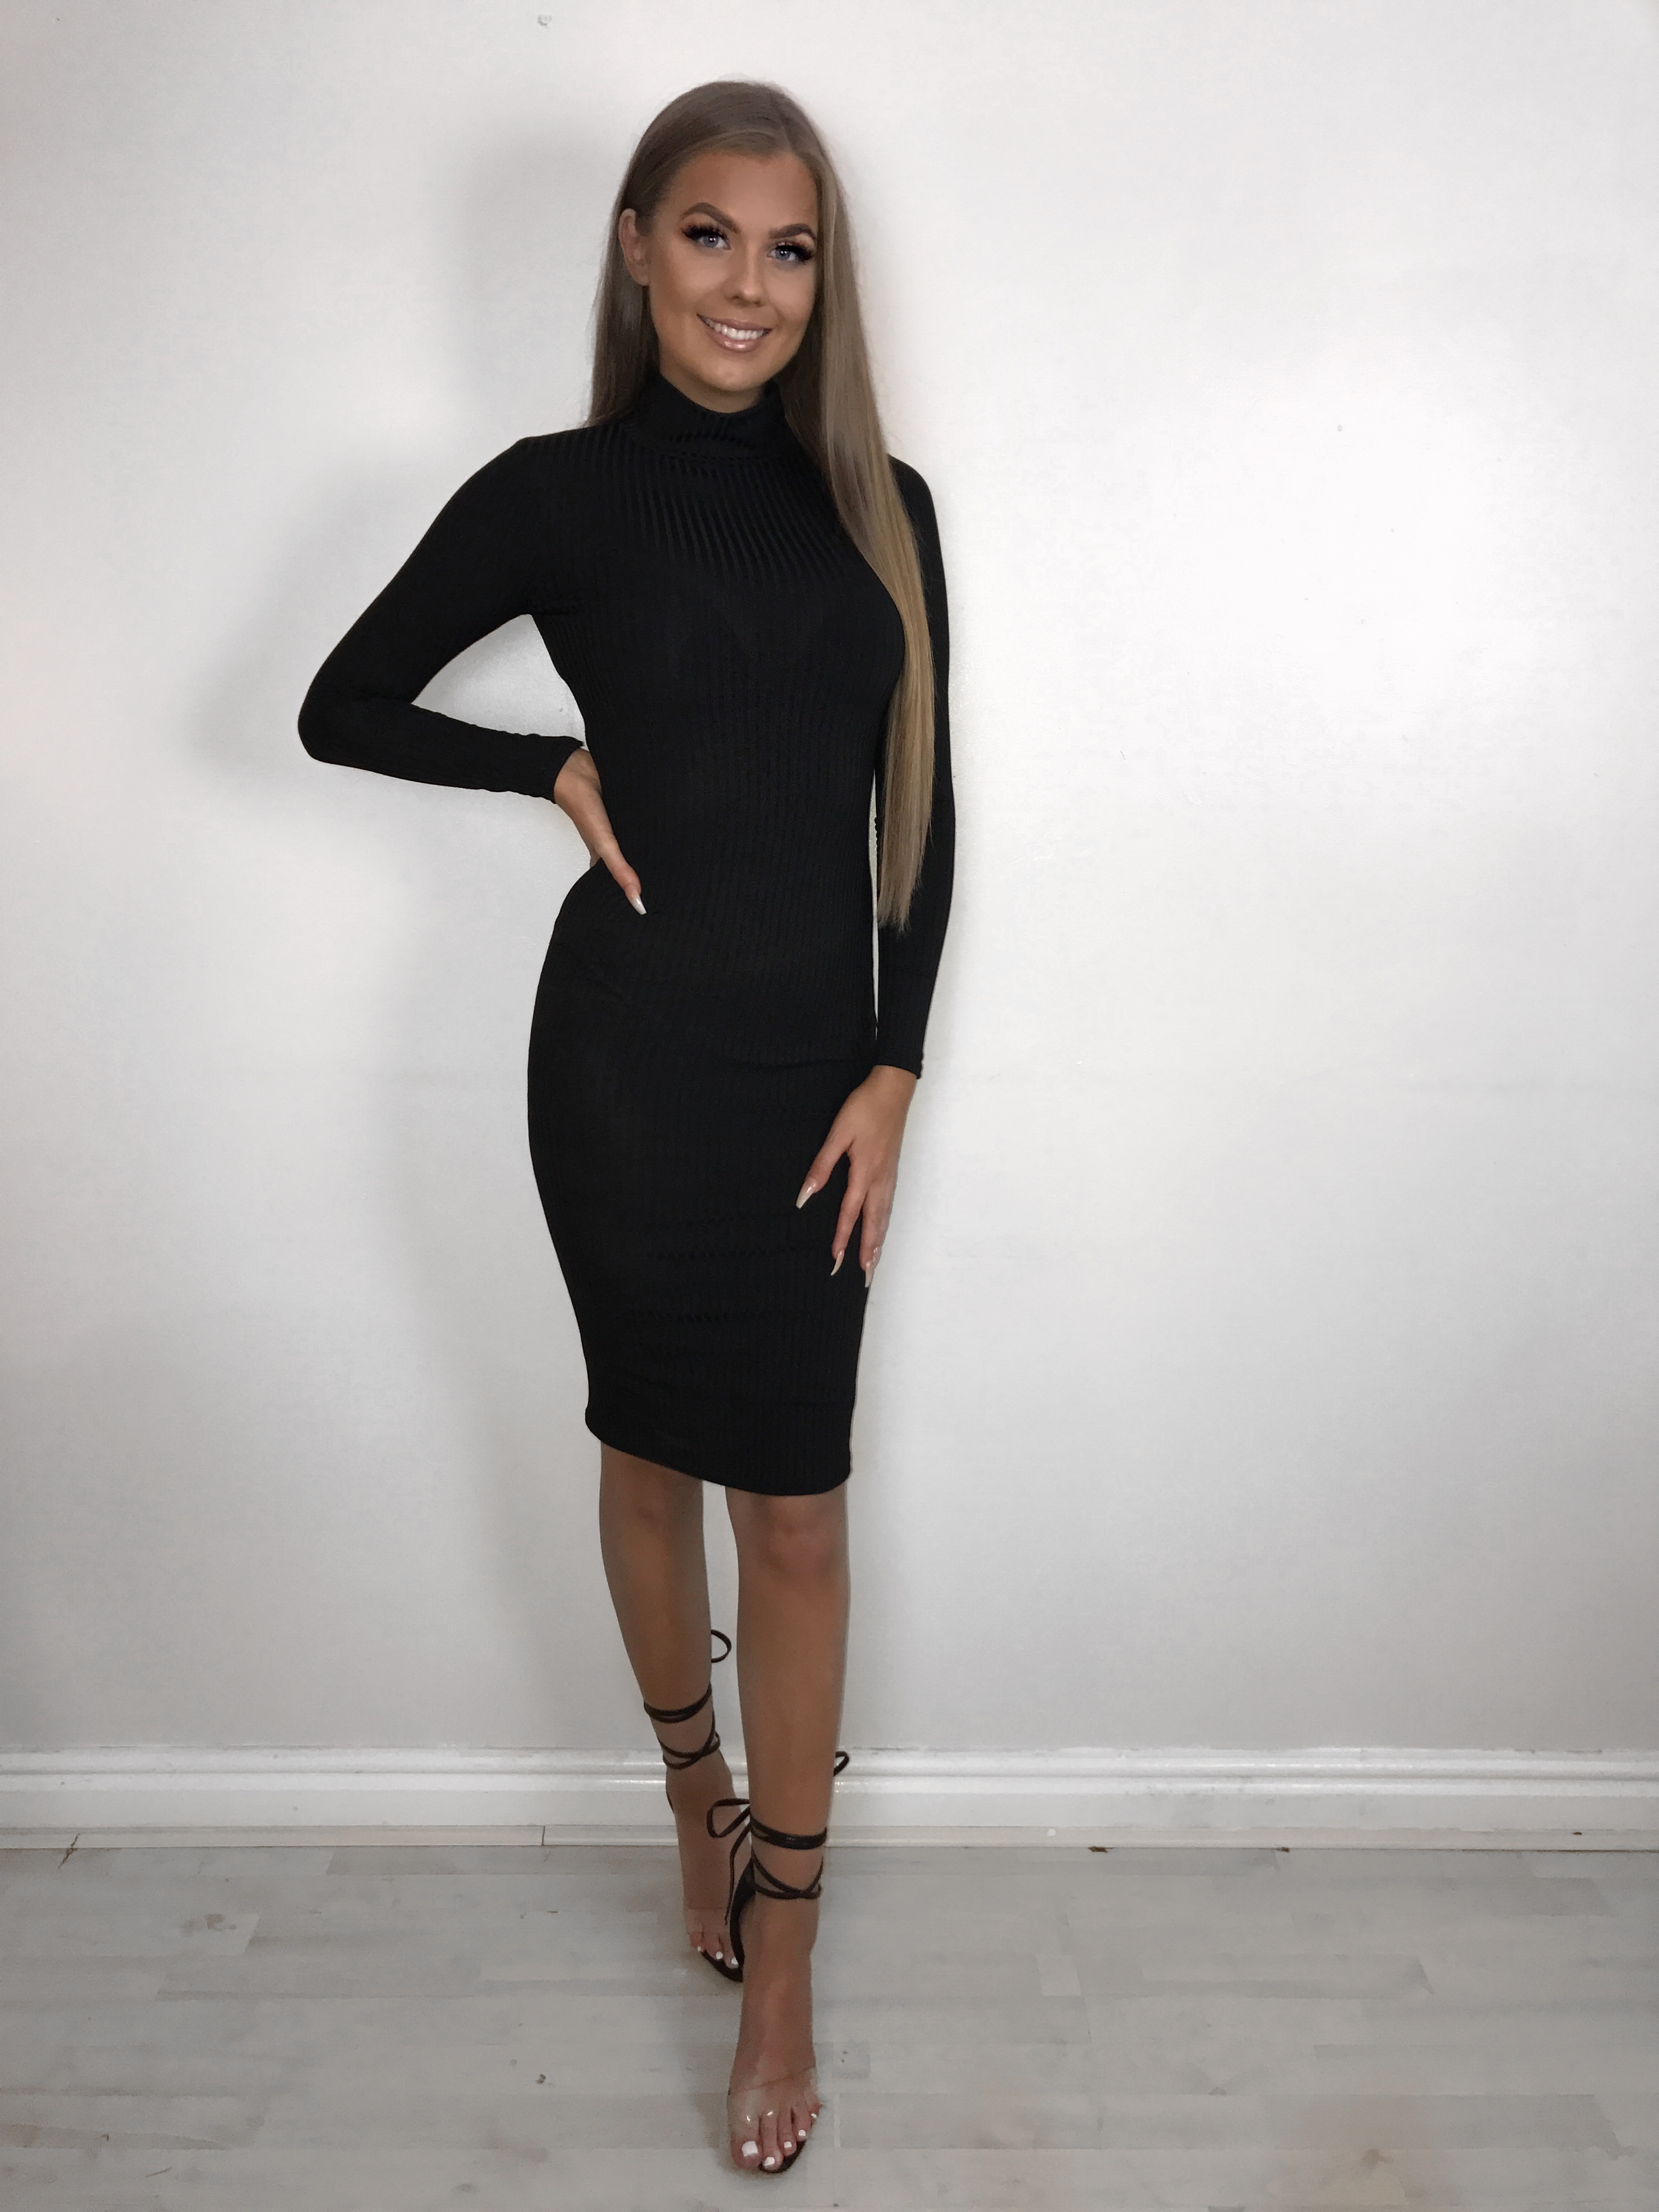 8c0707e6a9d Sia Black Ribbed Tube Dress - svlabel.com